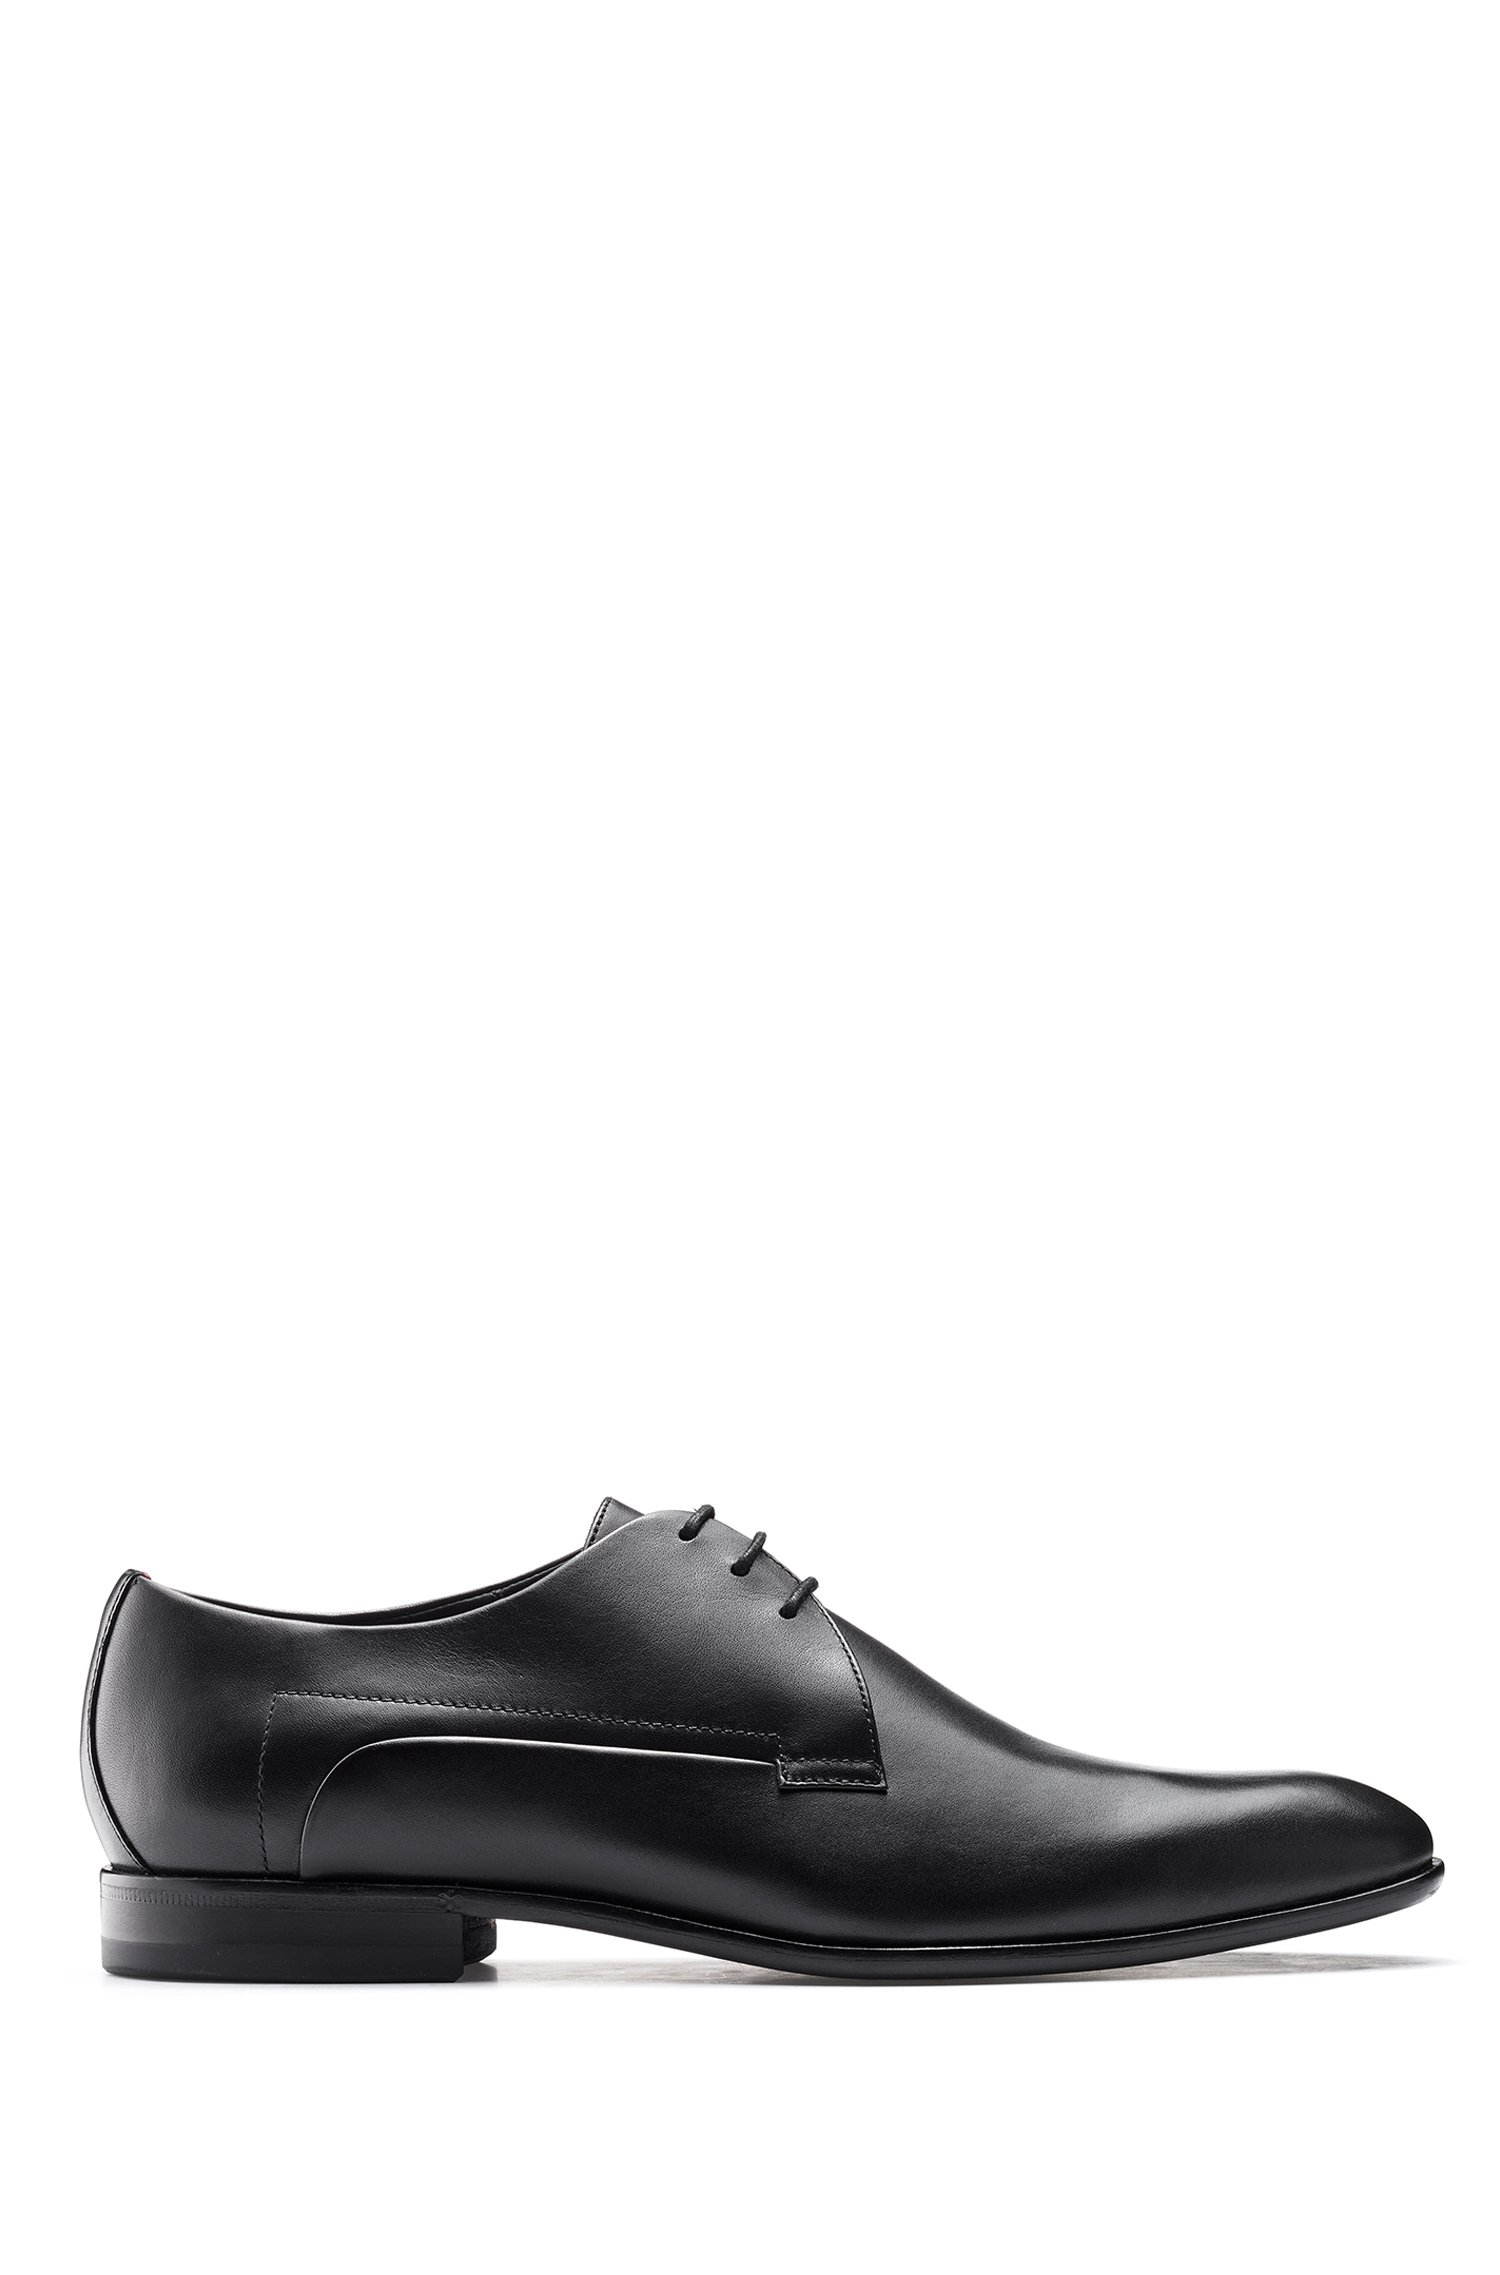 Derbyschoenen van glad leer met zool met geïnjecteerd rubber, Zwart